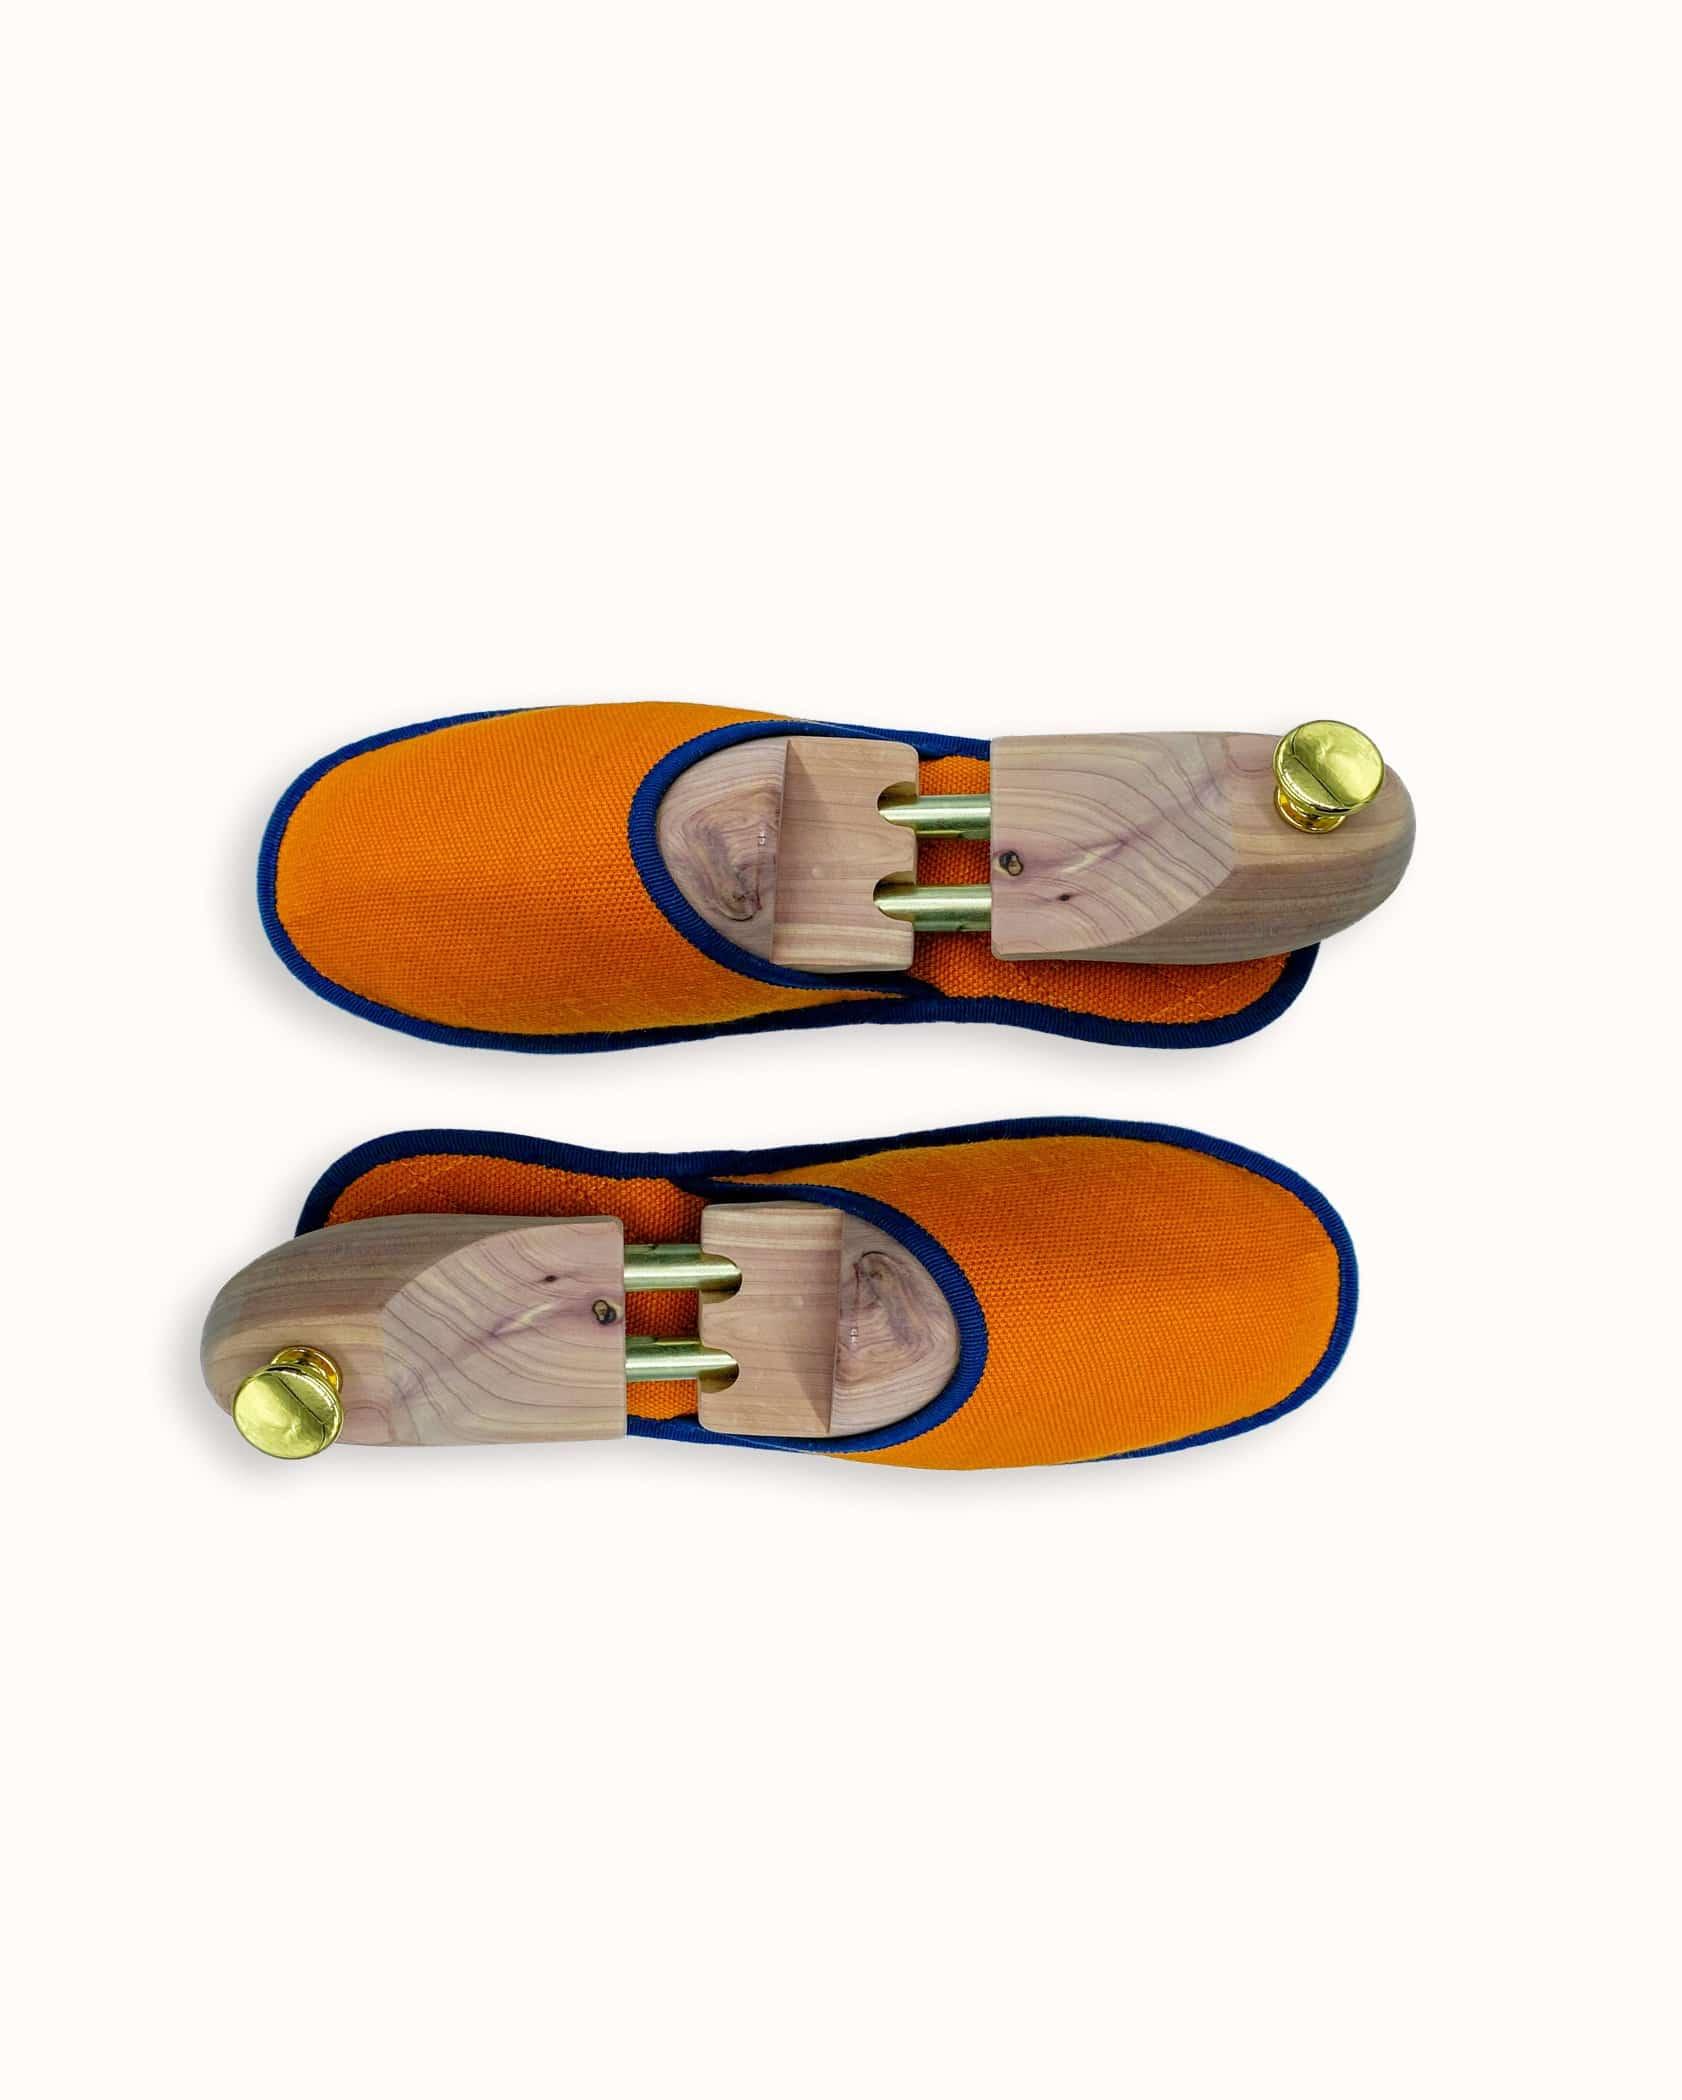 Chausson français pour homme, femme et enfant fabriqué en France. Modèle Feu (orange et bleu), une pantoufle comme à l'hôtel vêtue d'un rembourrage matelassé et d'une finition sophistiquée.